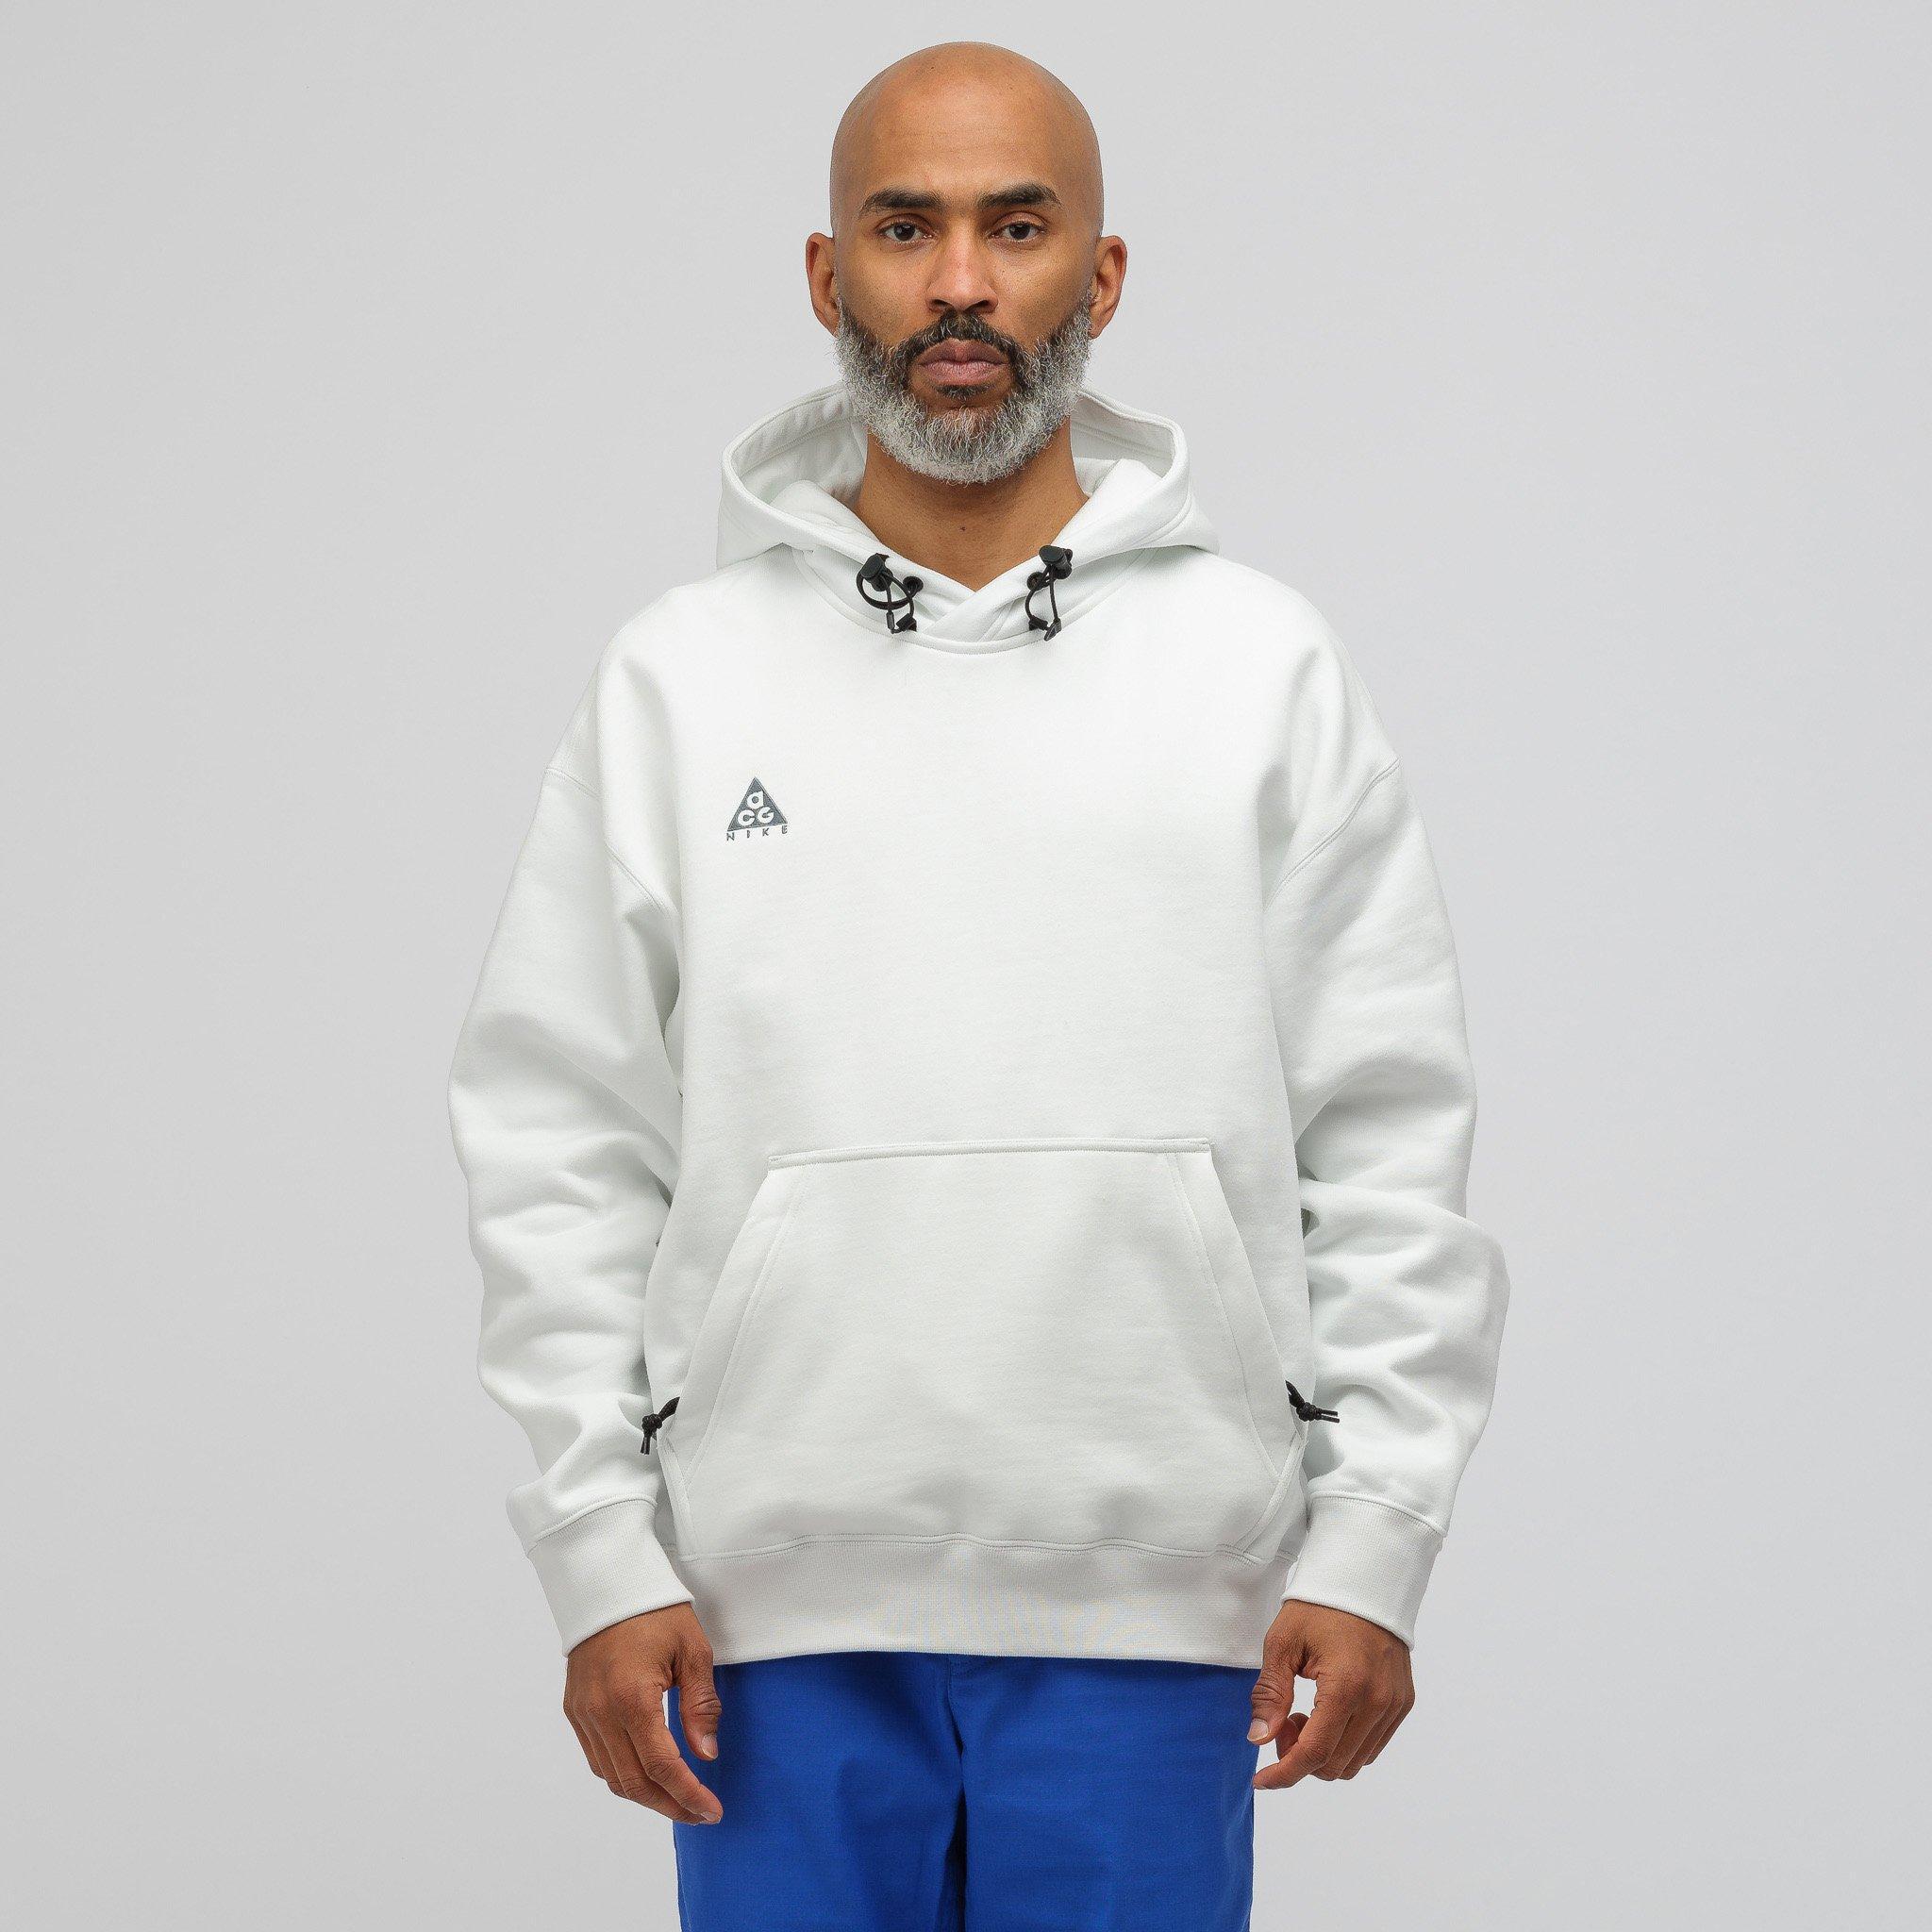 nike acg sweater